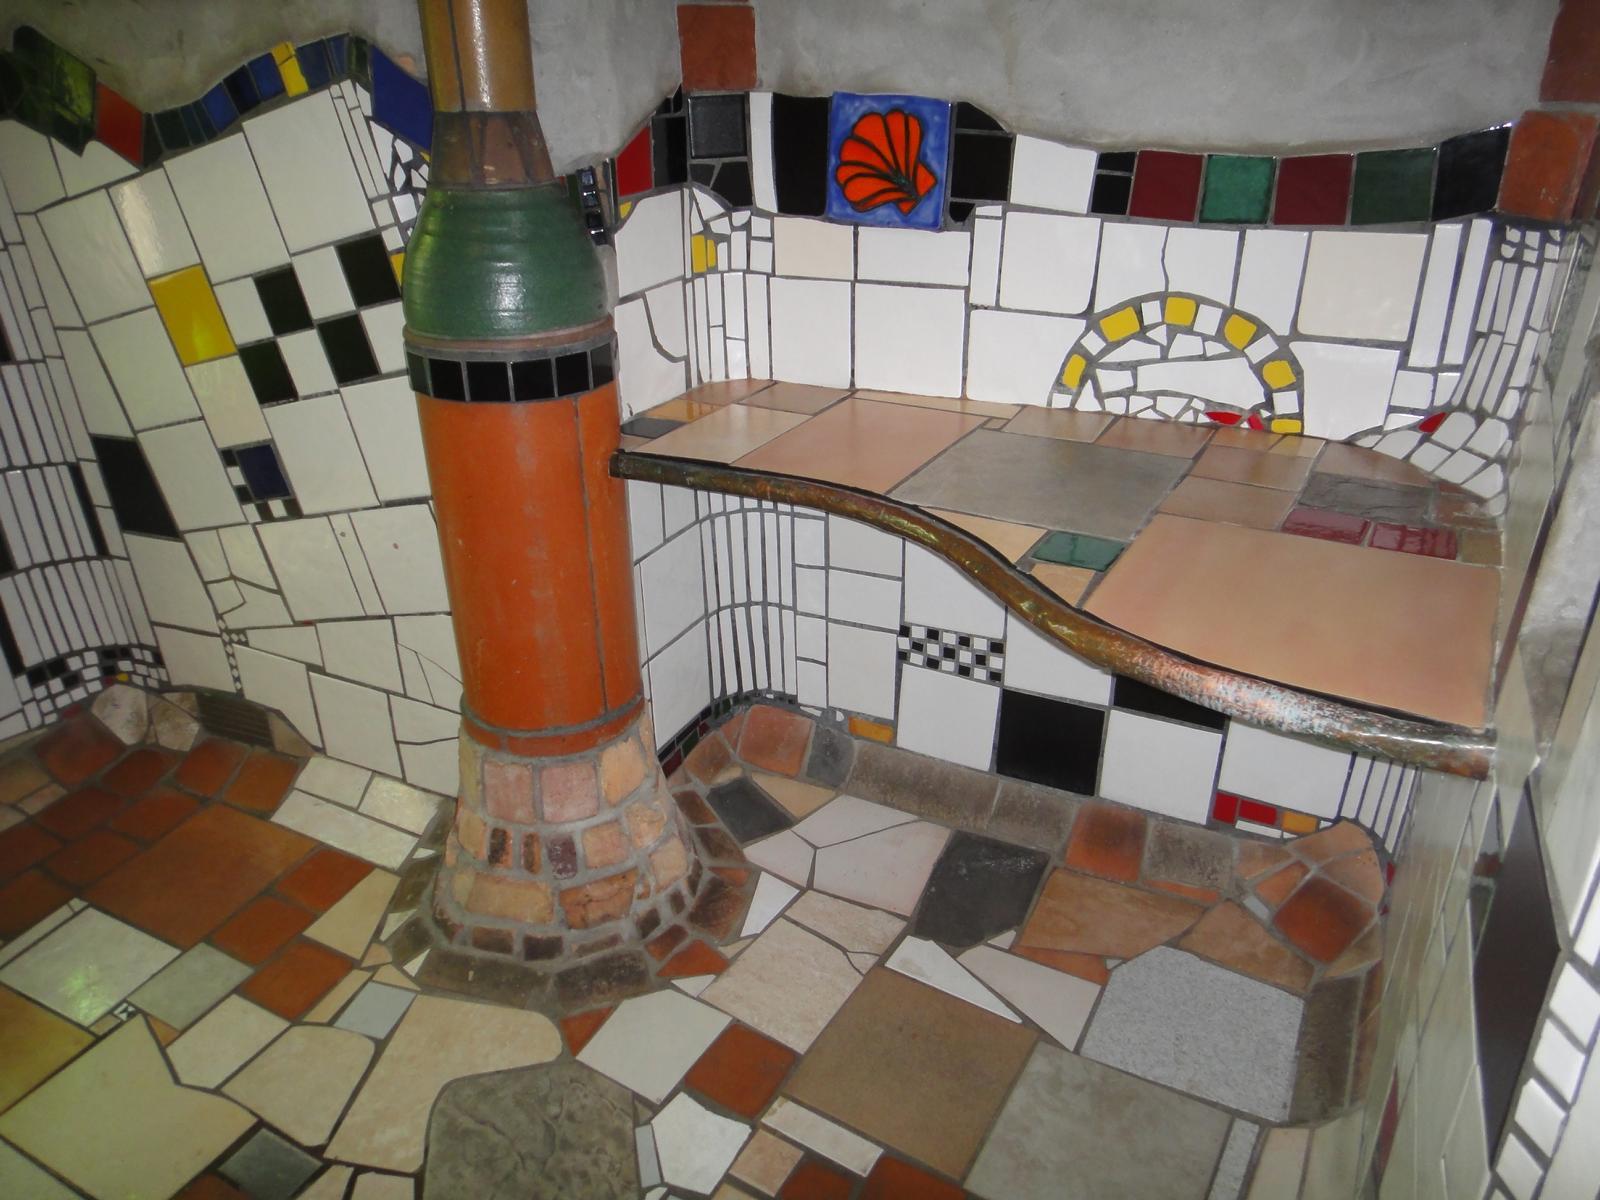 hochzeit und urlaub ganz unten auf der seite von der. Black Bedroom Furniture Sets. Home Design Ideas